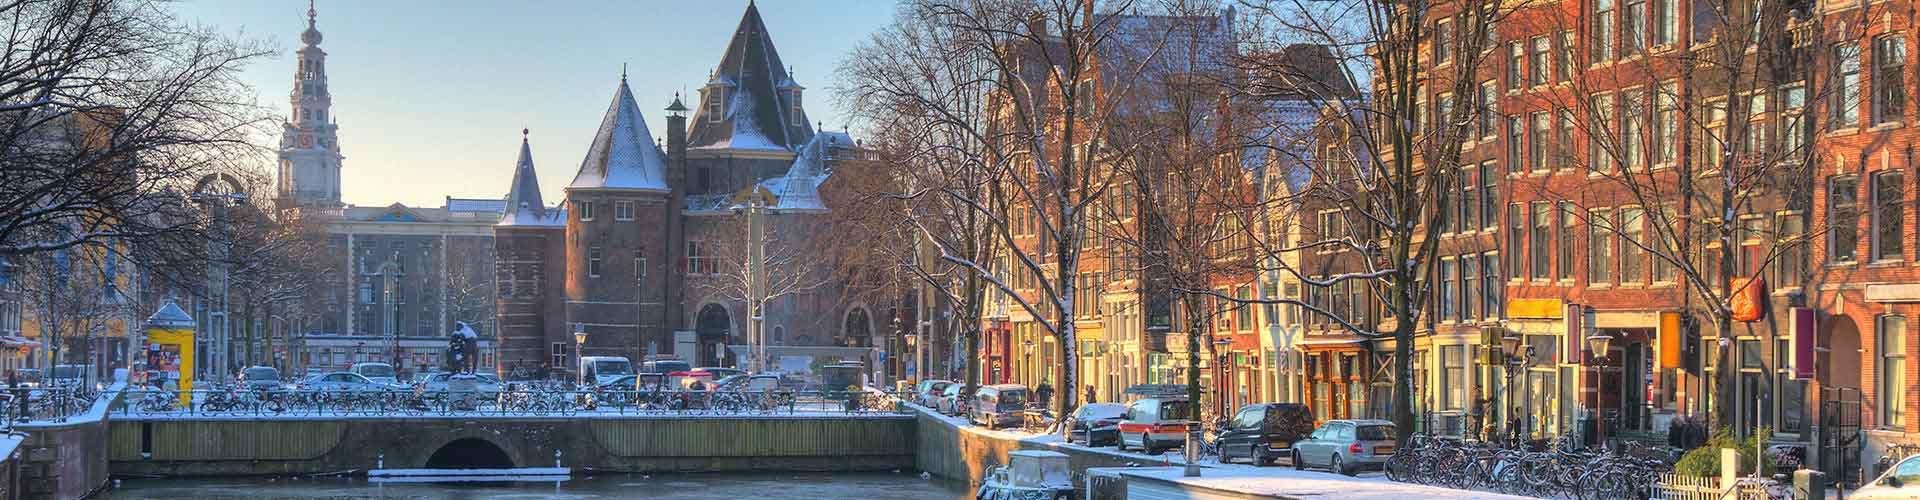 Amsterdam - Hôtels près de Nieuwmarkt. Cartes pour Amsterdam, photos et commentaires pour chaque Hôtel à Amsterdam.